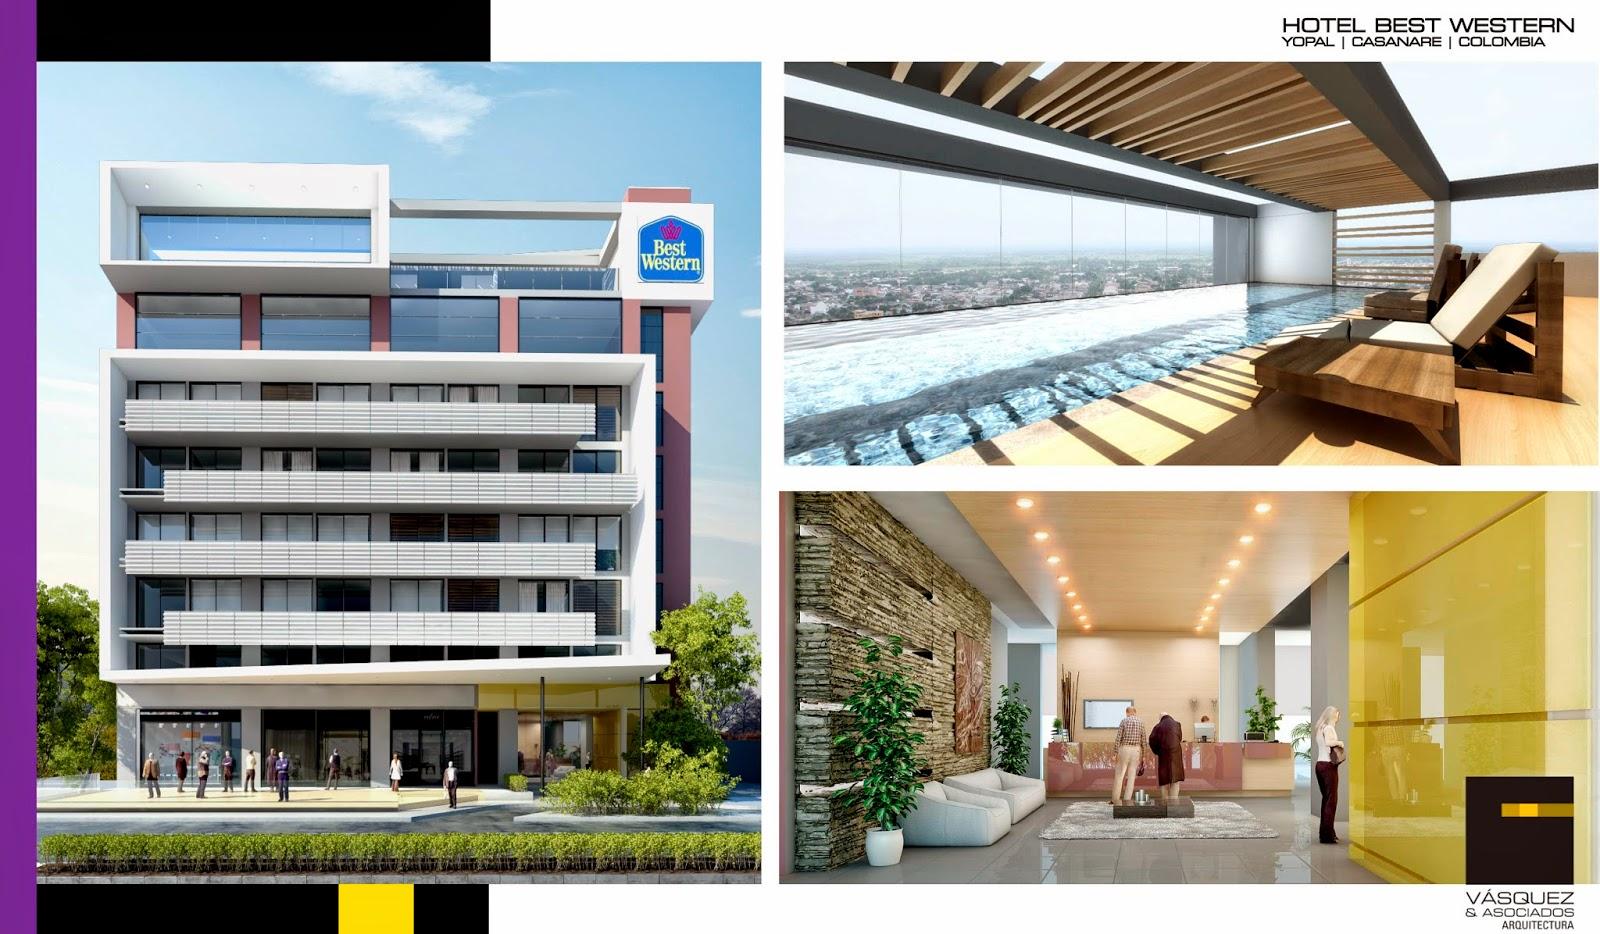 Vasquez y asociados arquitectura ltda hotel best western for Genesis arquitectura y diseno ltda